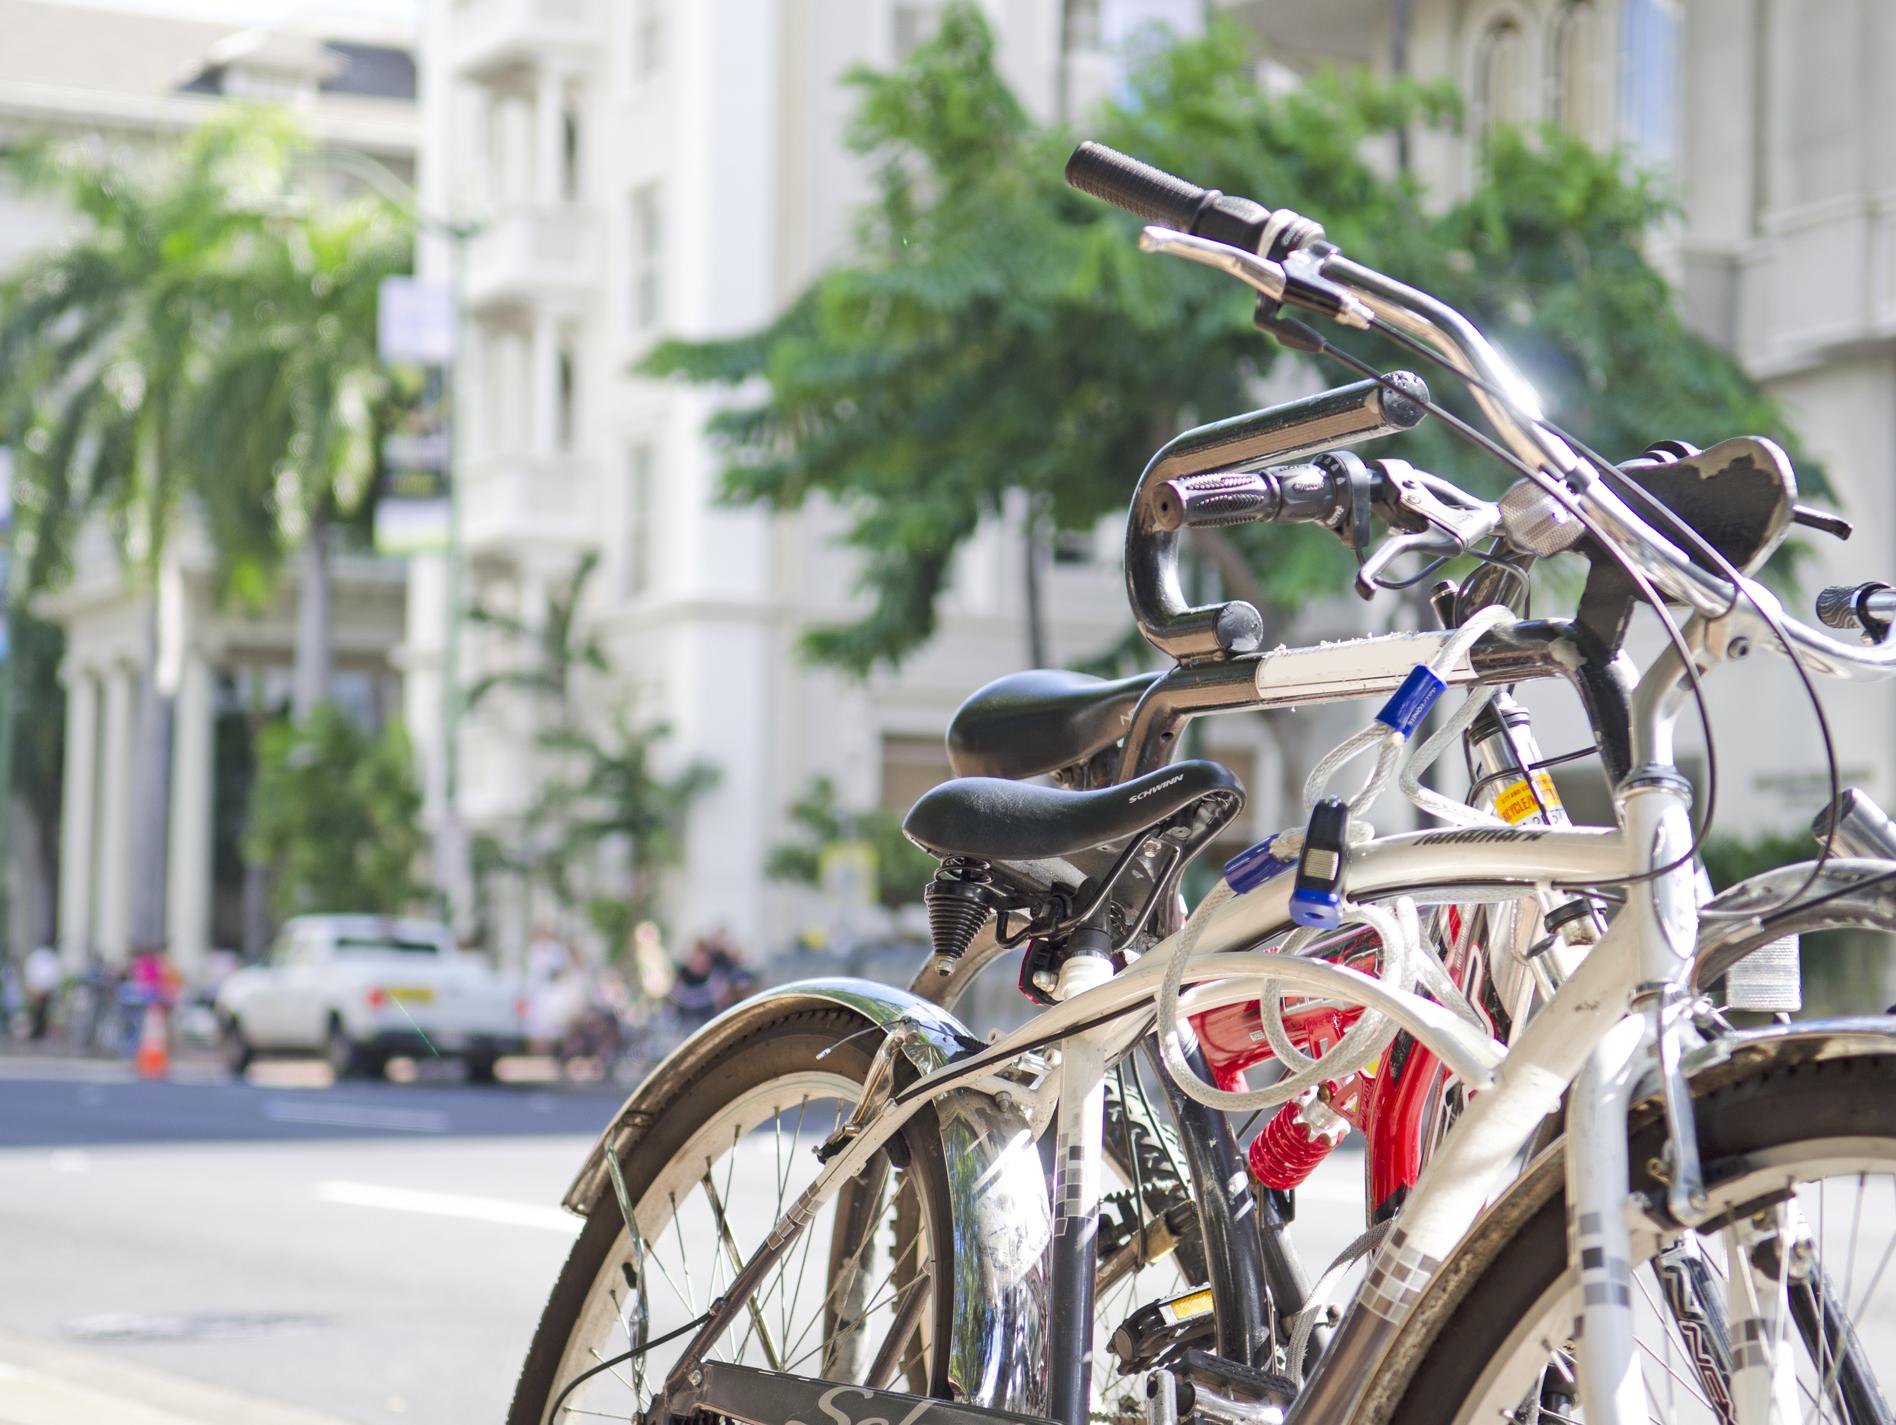 ... 自転車のまとめ(都内)|All : 自転車 都内 : 自転車の